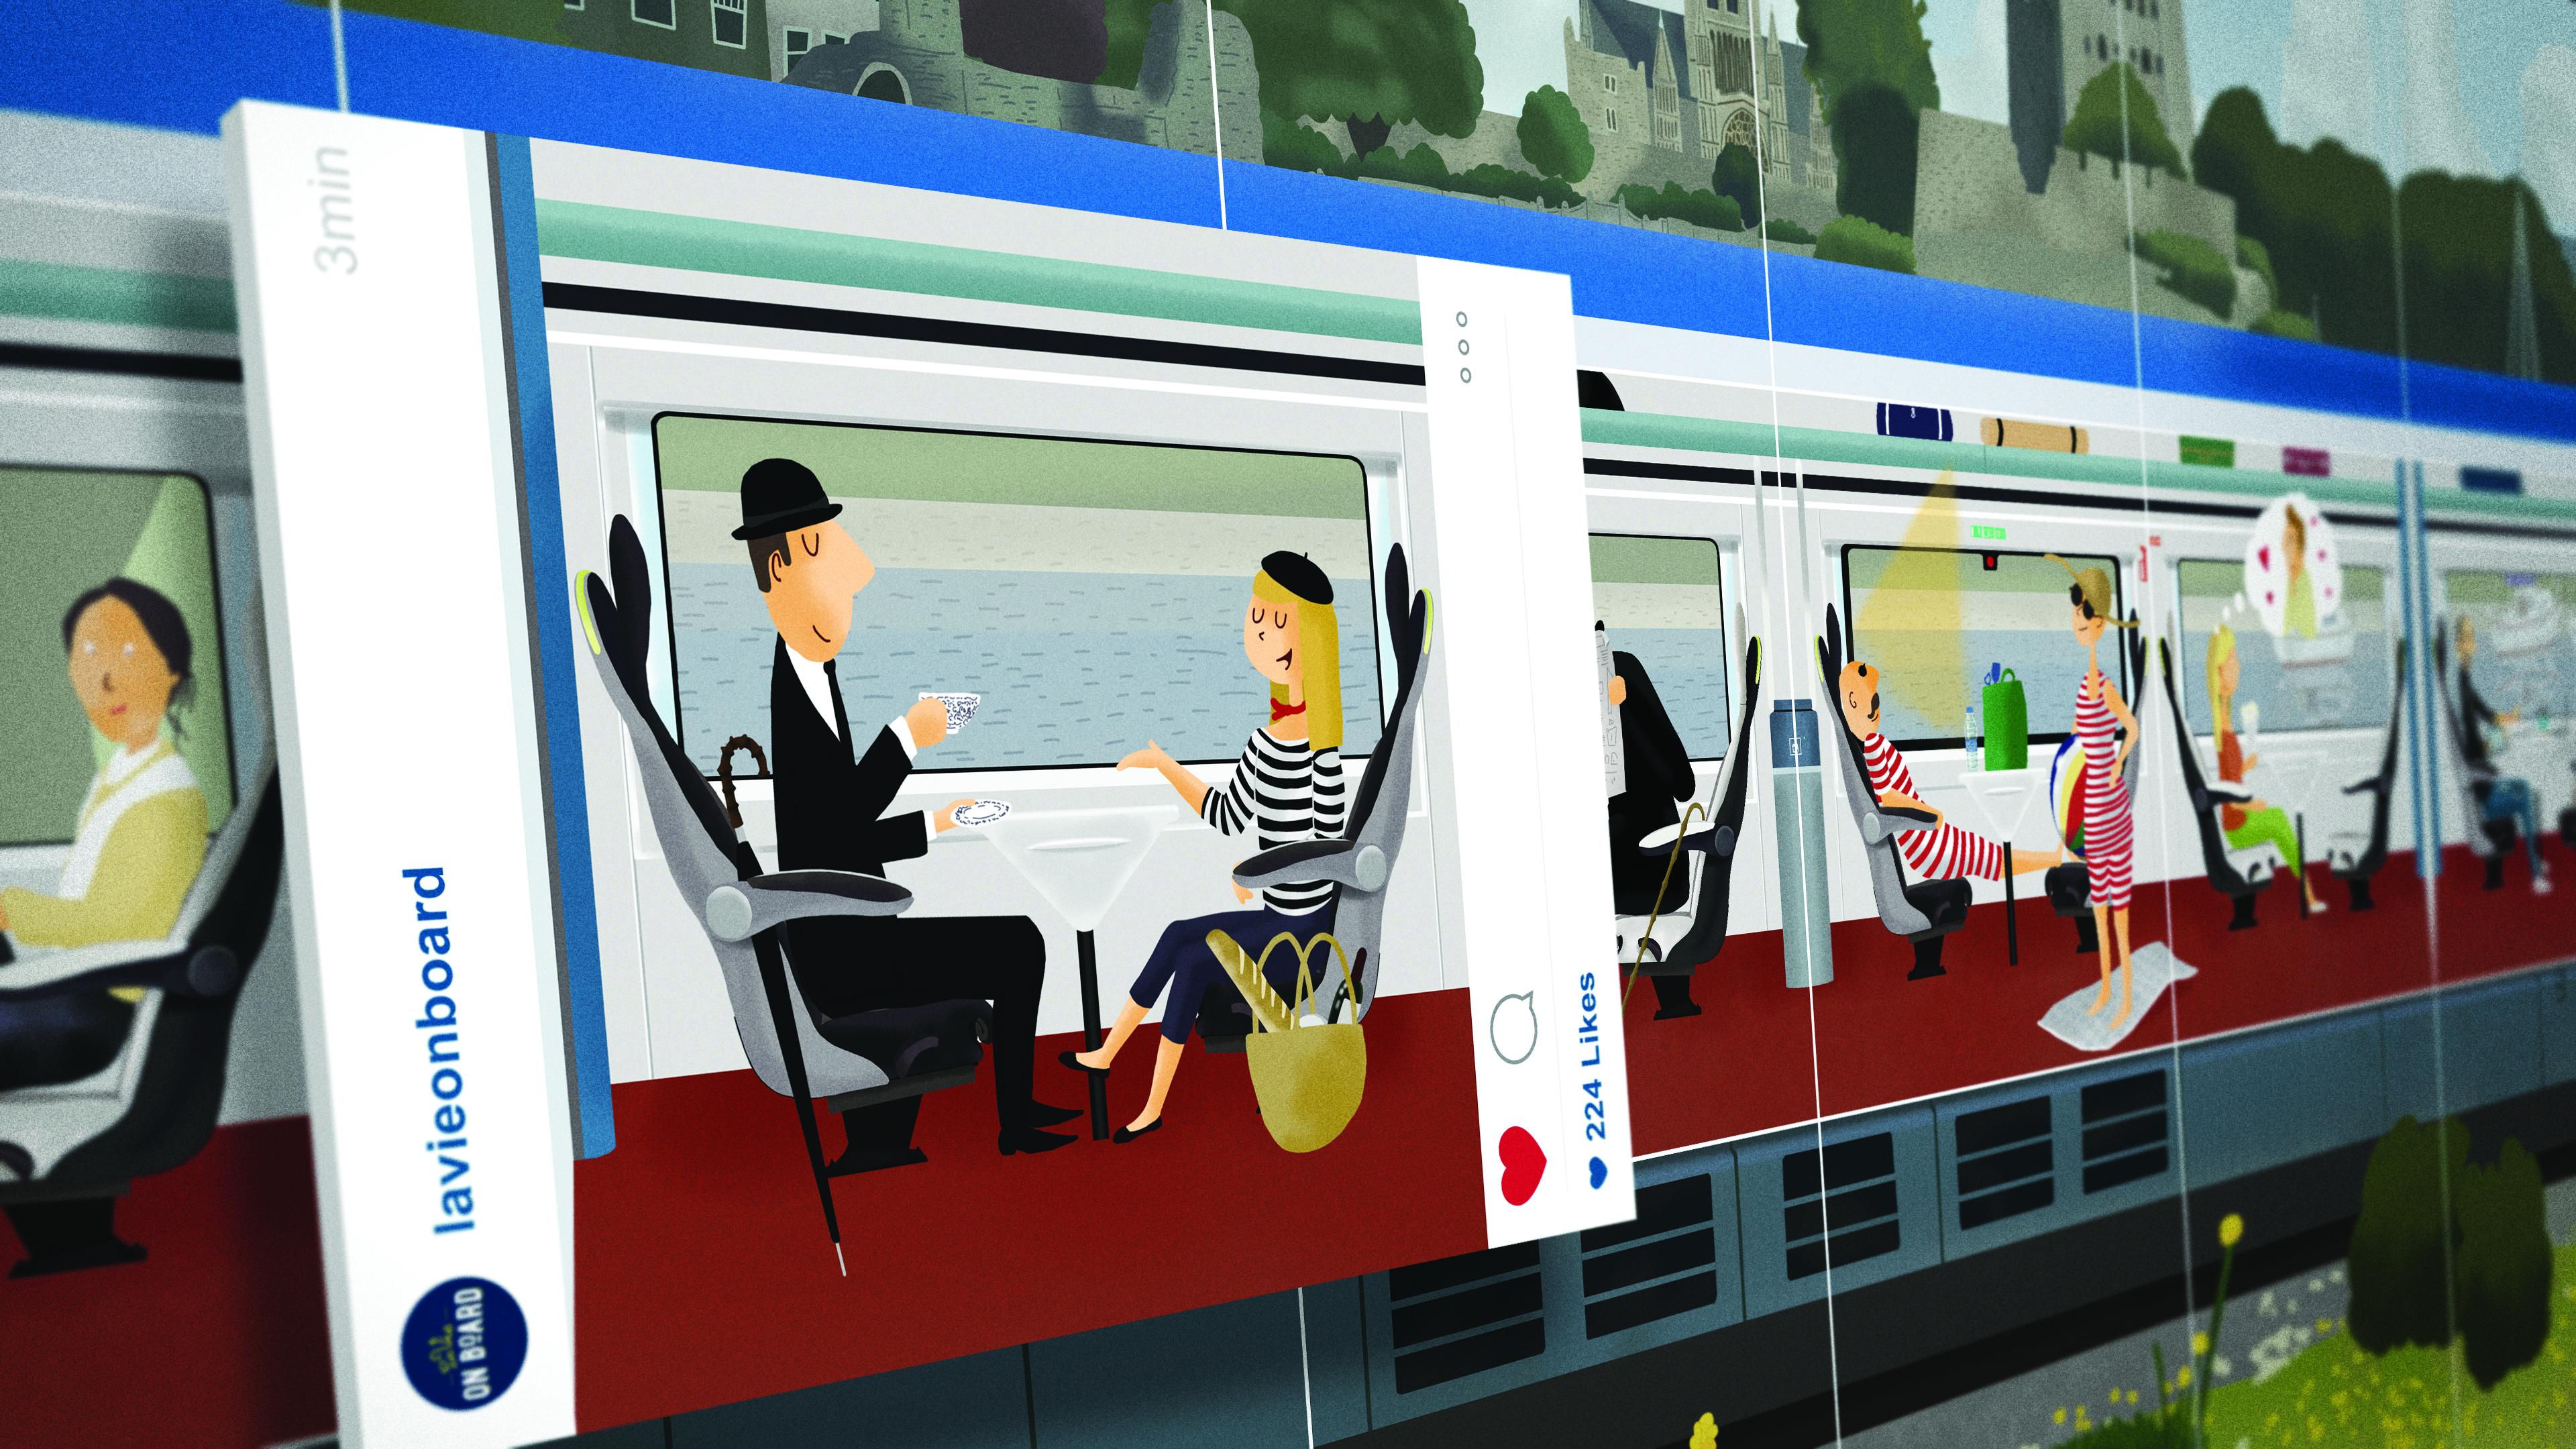 02_Eurostar_lavie_onboard_300dpi